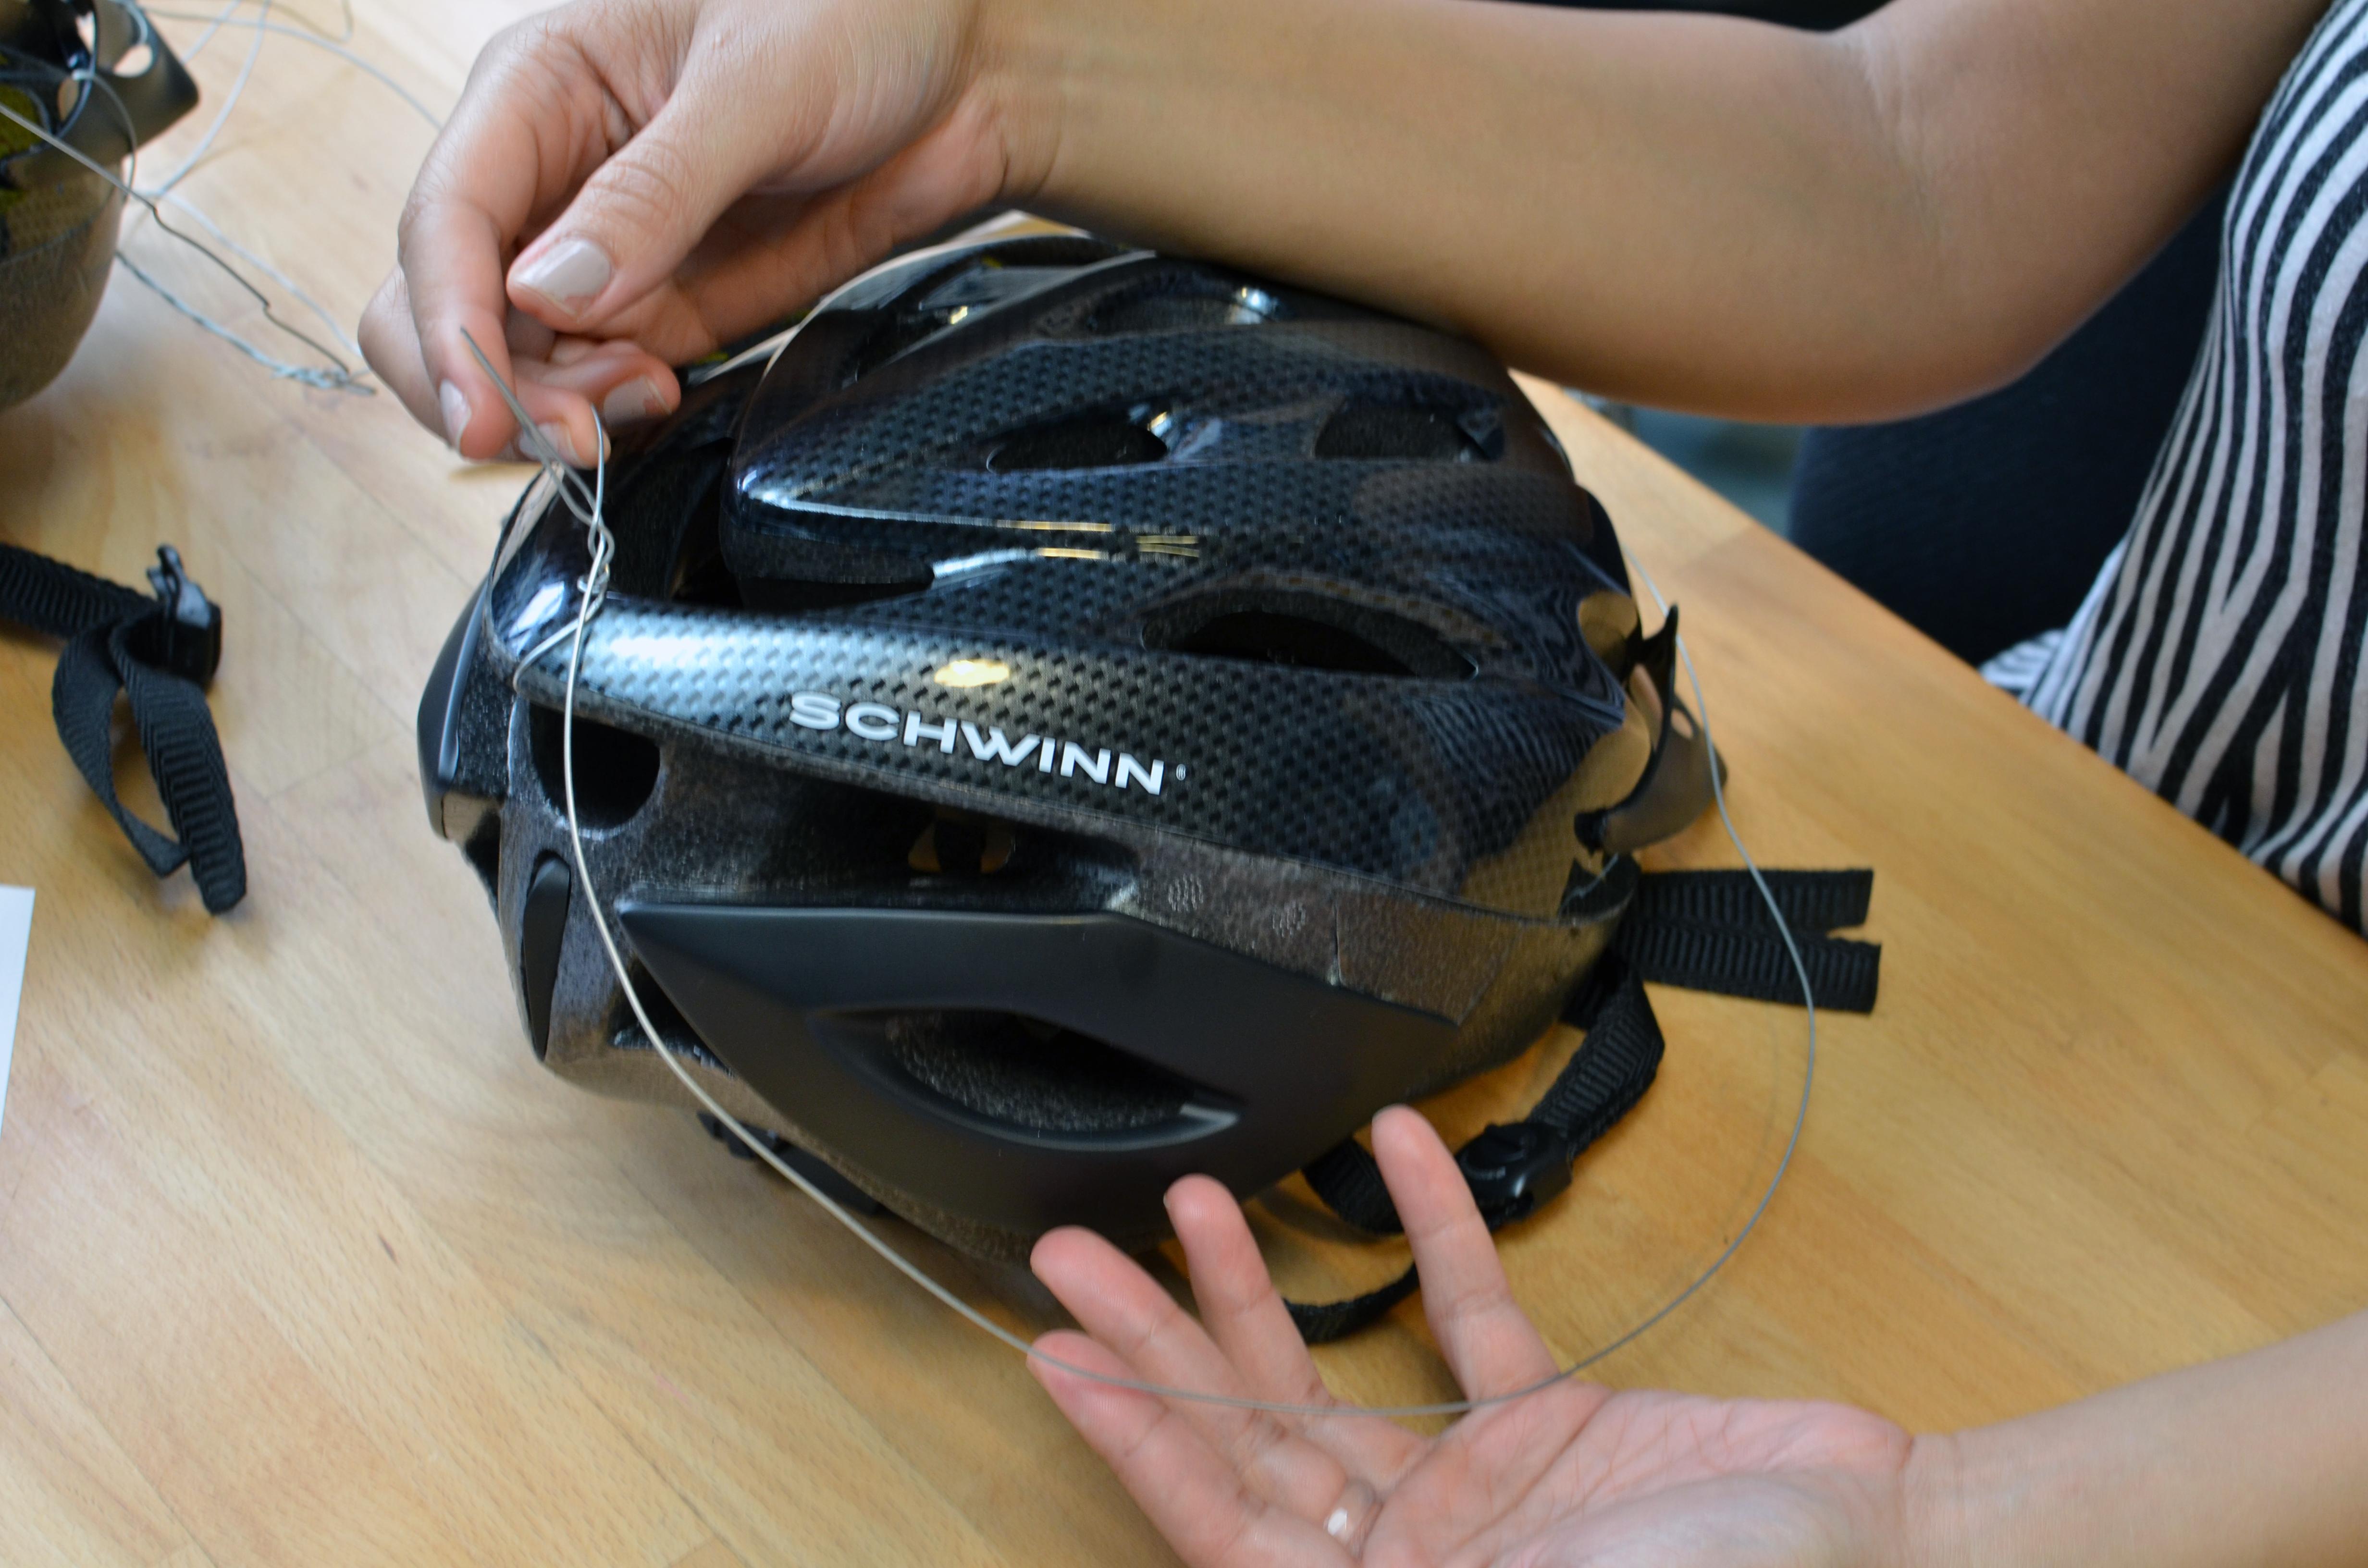 el_wire_tape_panel_el-wire-mask-adafruit-02.jpg